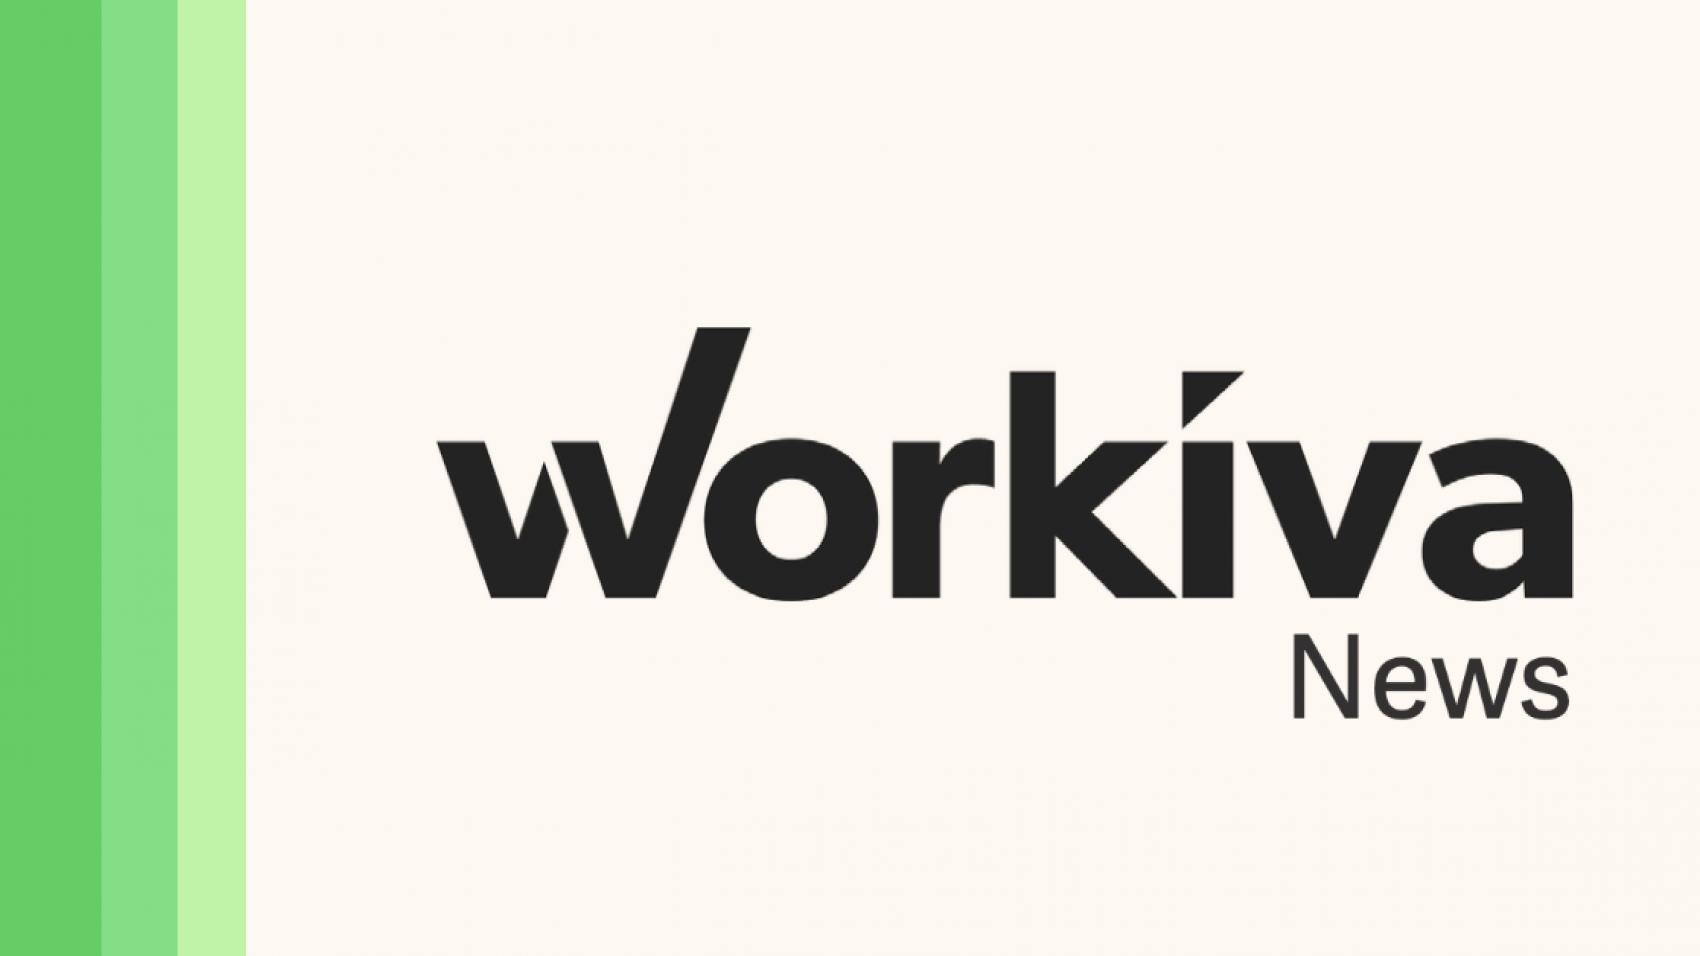 Workiva Newsroom